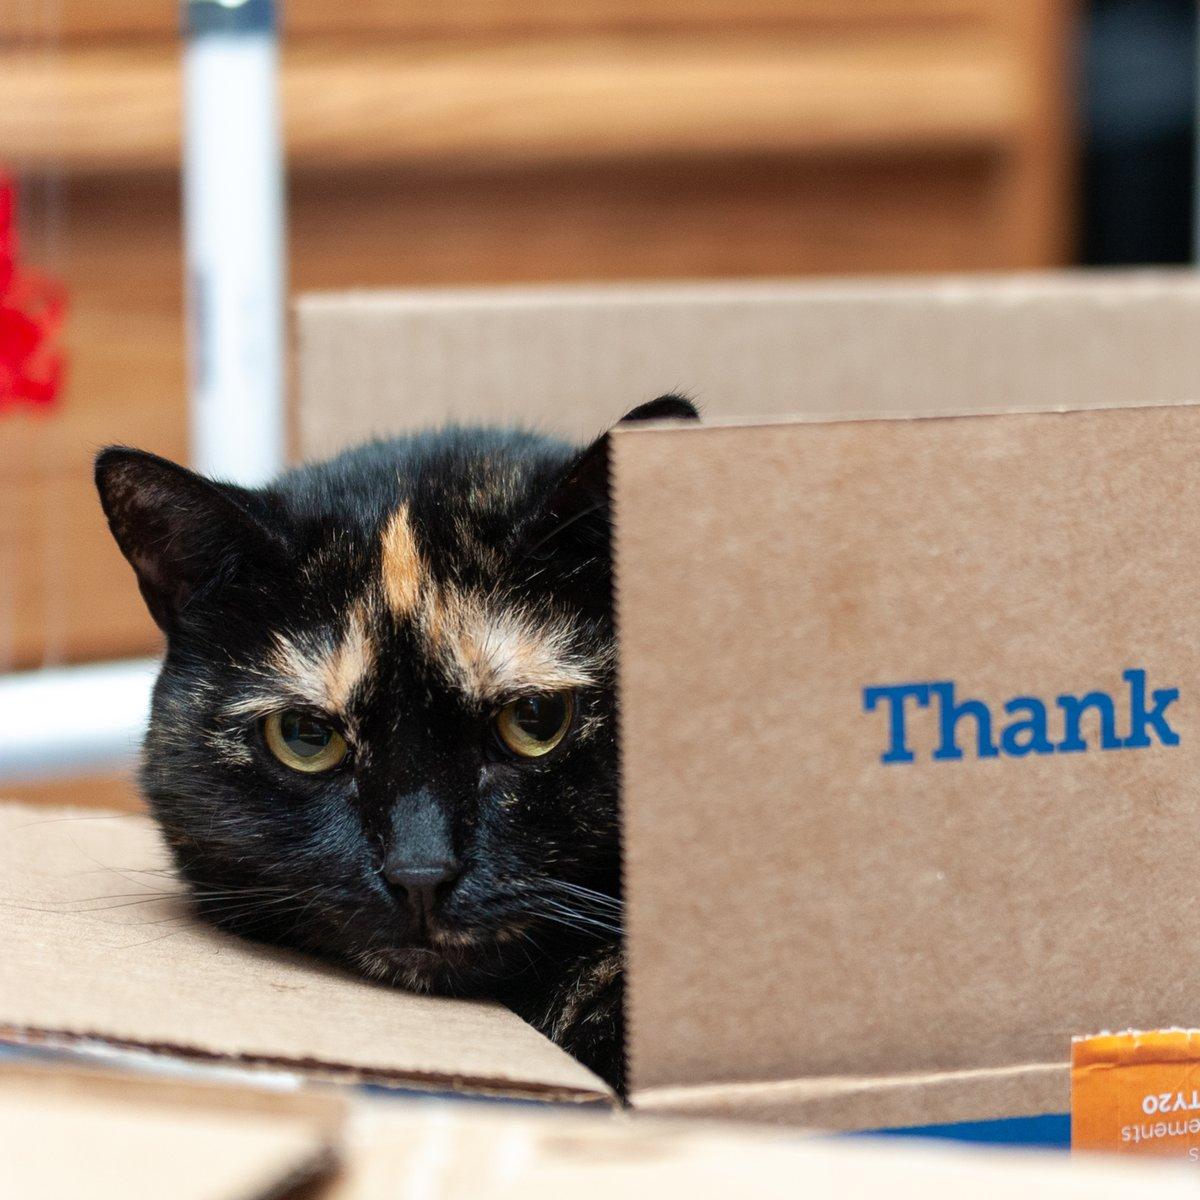 Hey, hey, it's #Caturday! #CatsOfTwitter